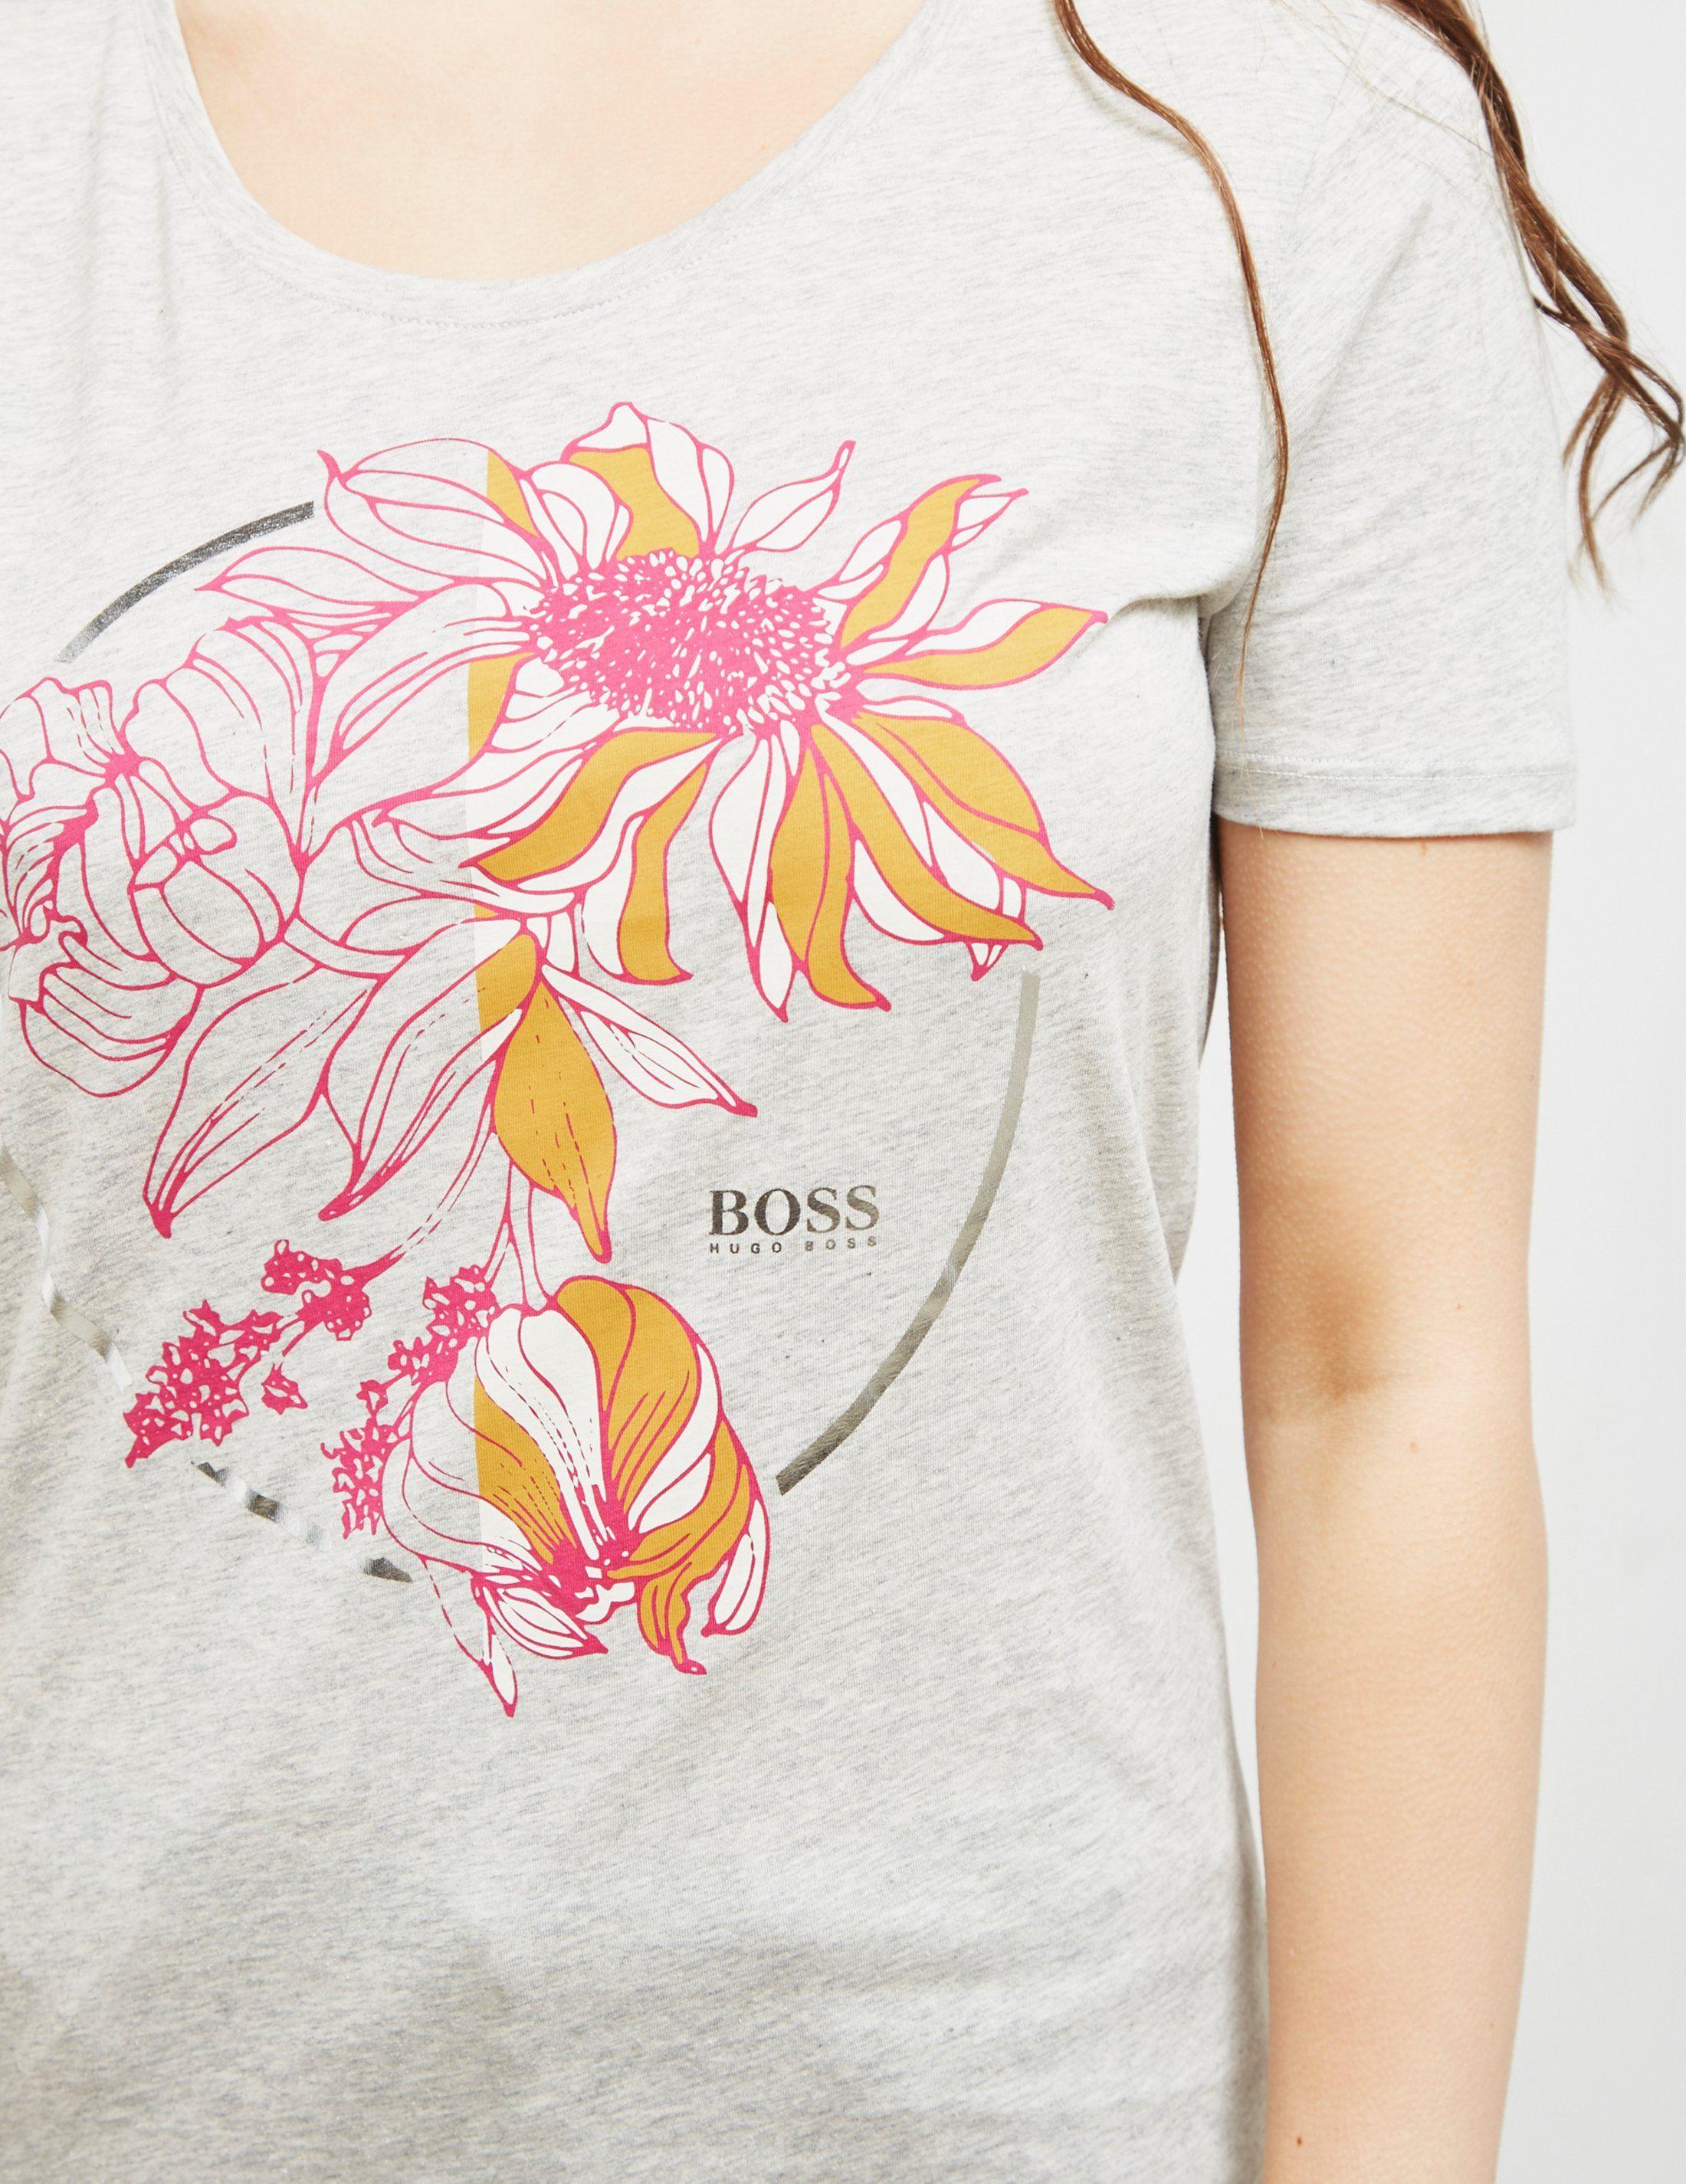 BOSS Flower Print Short Sleeve T-Shirt